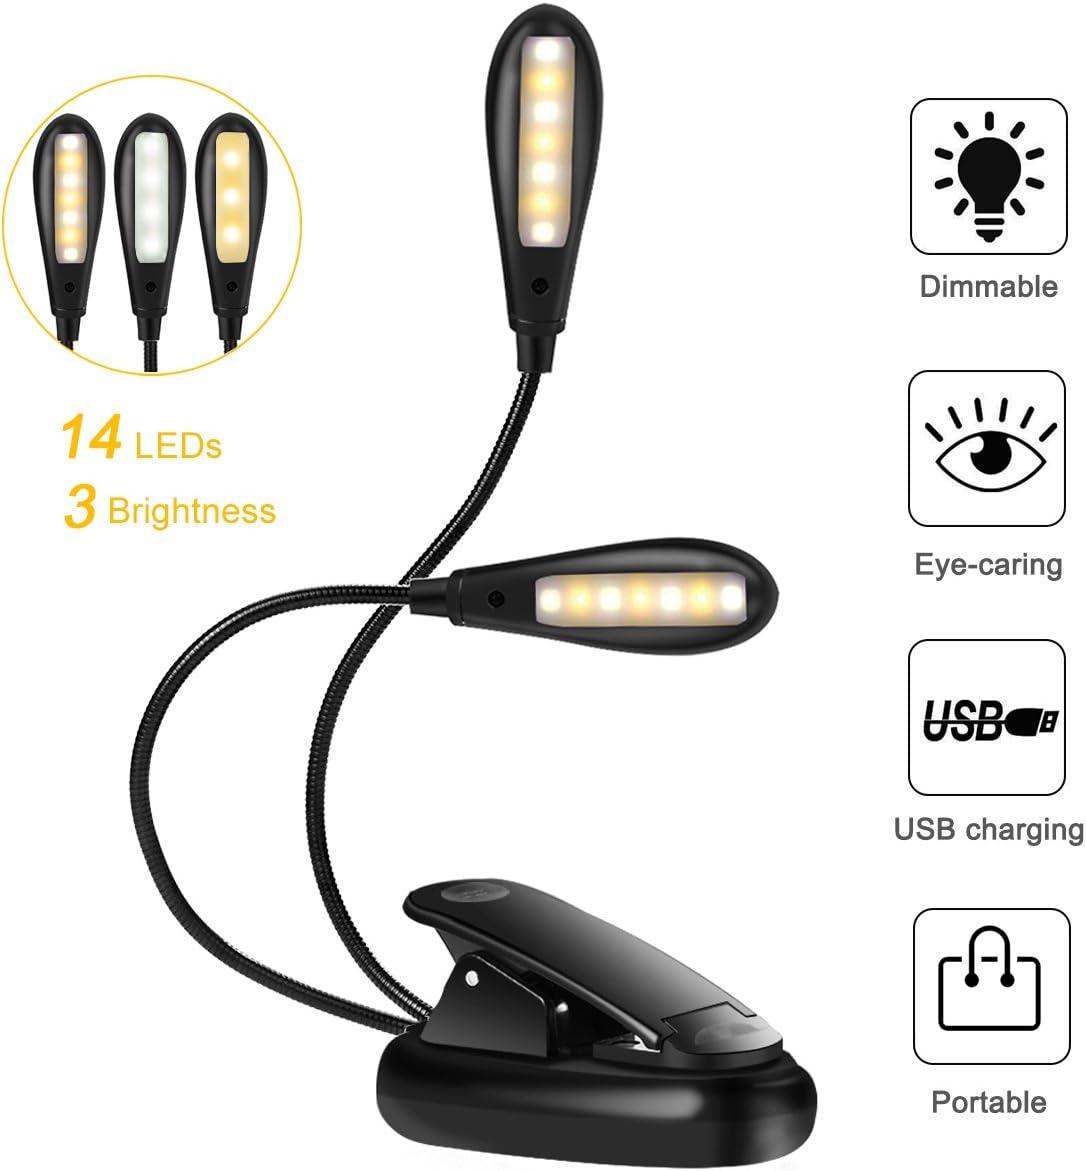 Voyage Lampe de Chevet/Lecture/Lampe de Lecture Pupitre Lampe de Bureau/Portable Rechargeable avec C/âble USB pour Lecture de Nuit 8 LED et 2 Mode de Luminosit/é R/églables Liseuse